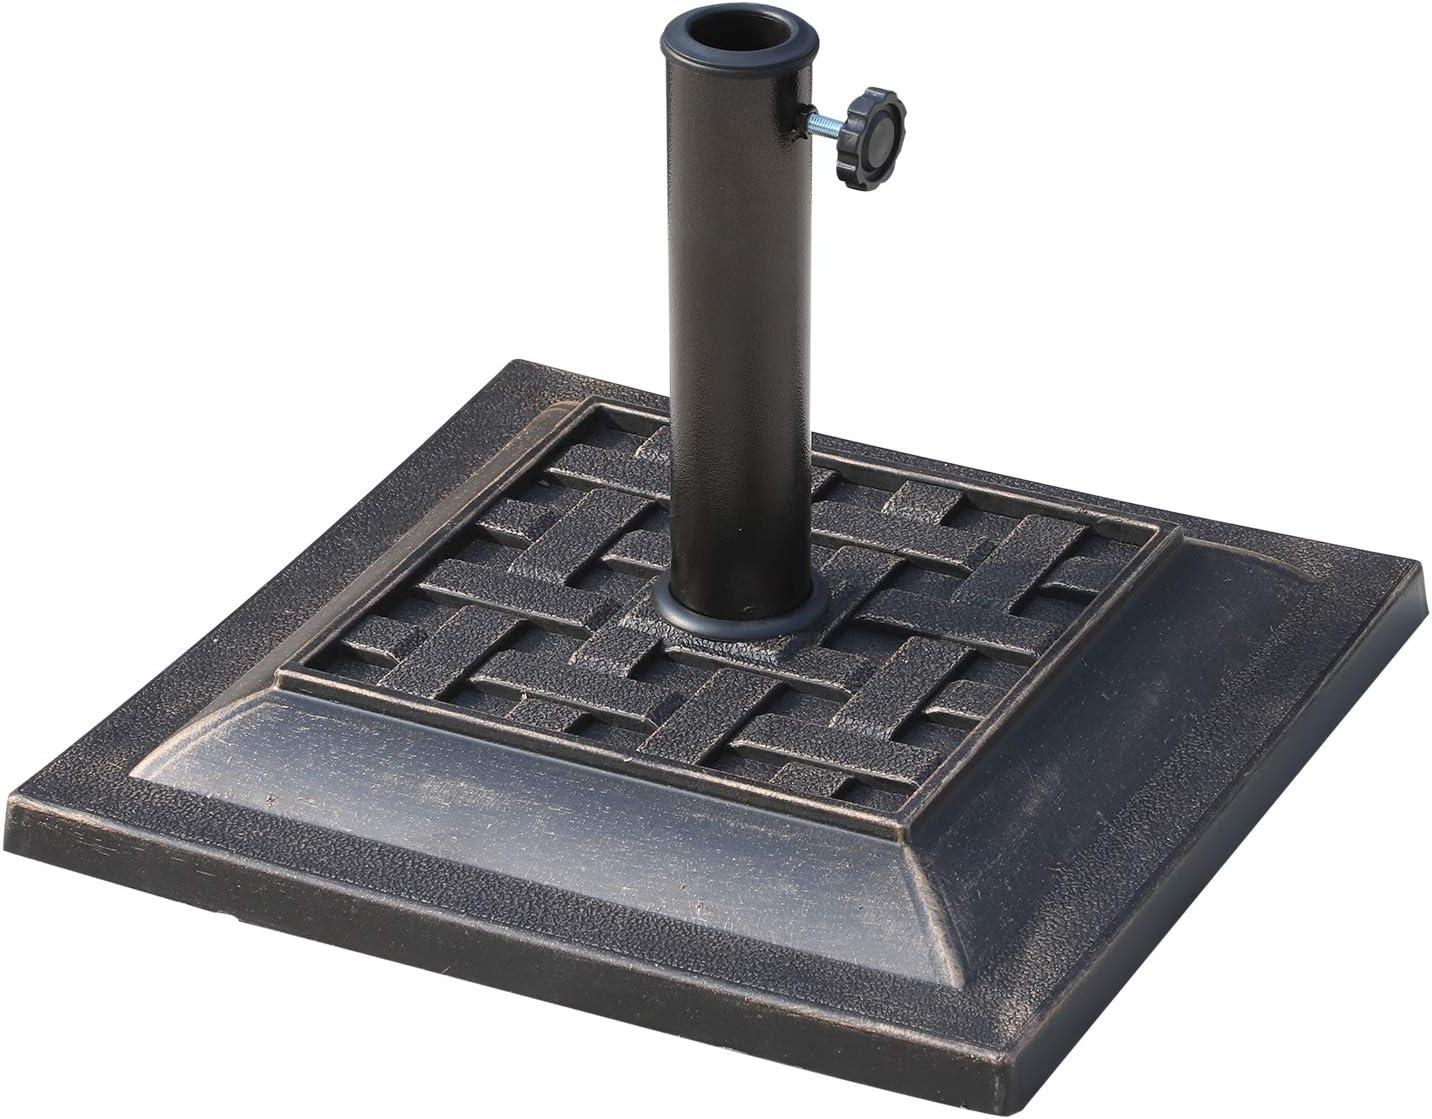 Outsunny Base de Sombrilla 44x44x33cm Tipo Soporte de Pie para Parasol Soporte de Sombrilla Resina Apto para Mástil de 38/48 mm para Patio Jardín Color Bronce